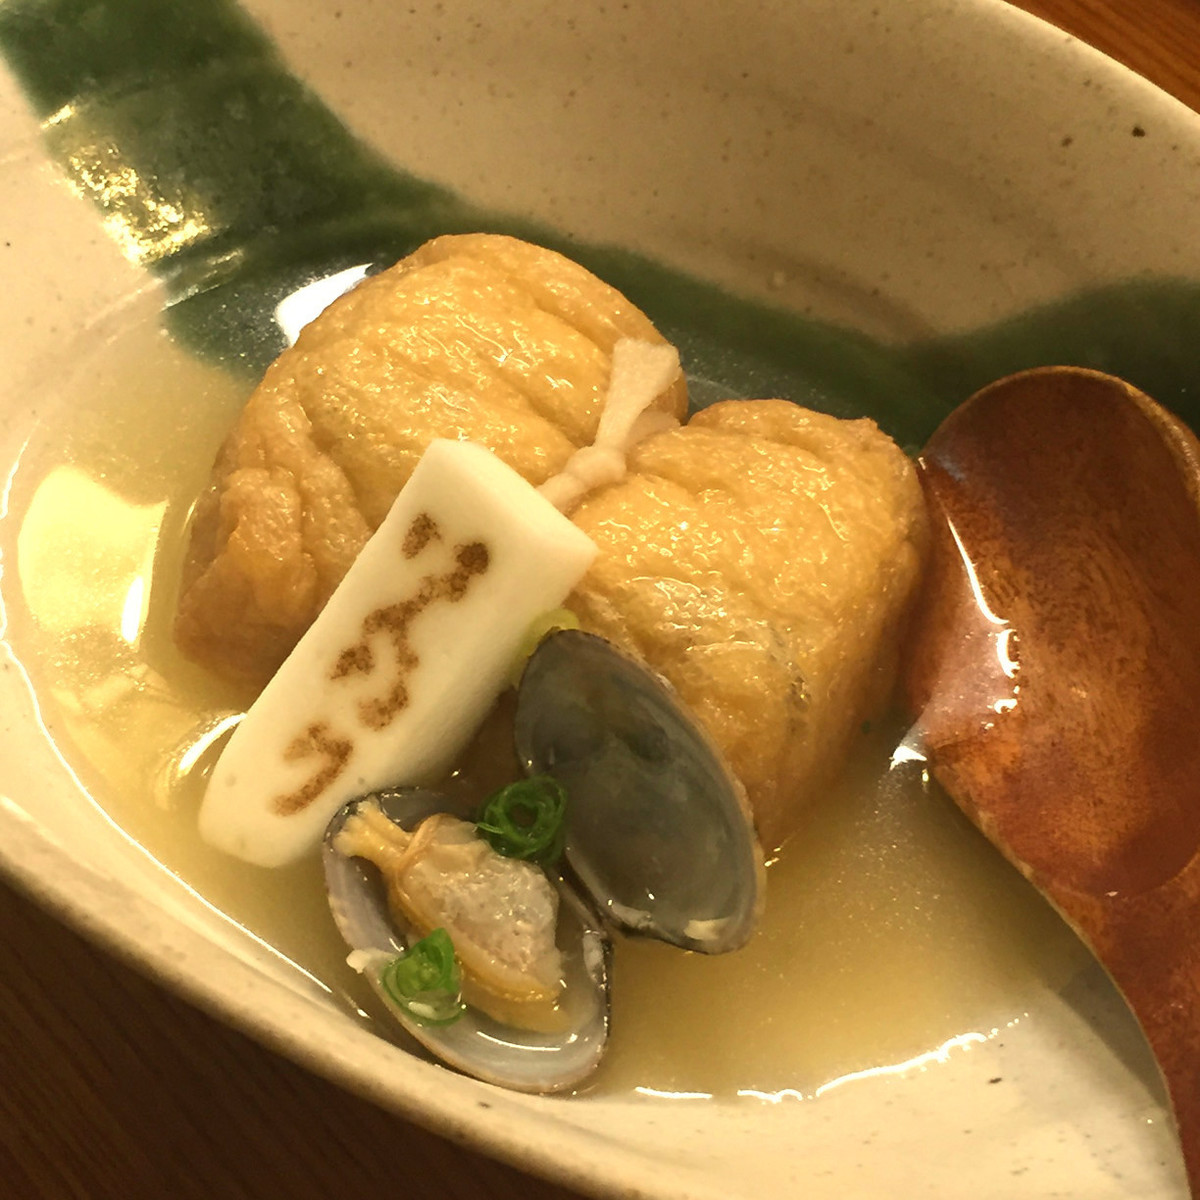 오뎅 · 튀김 · 생선회